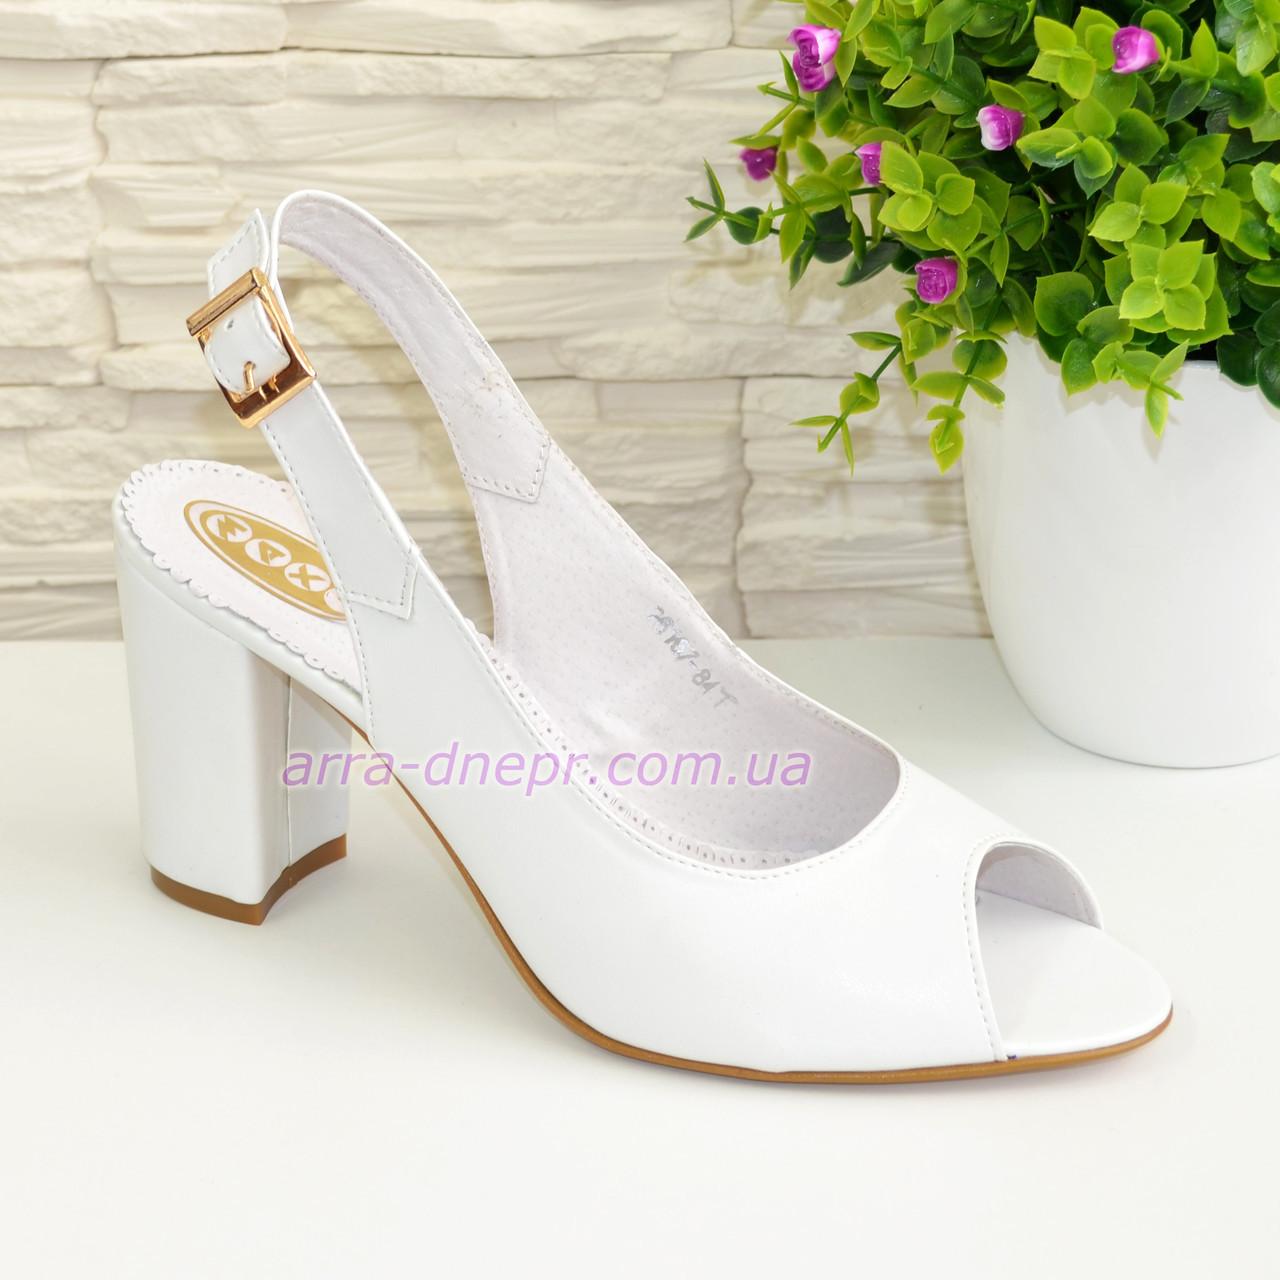 Женские кожаные босоножки на устойчивом высоком каблуке. Цвет белый.